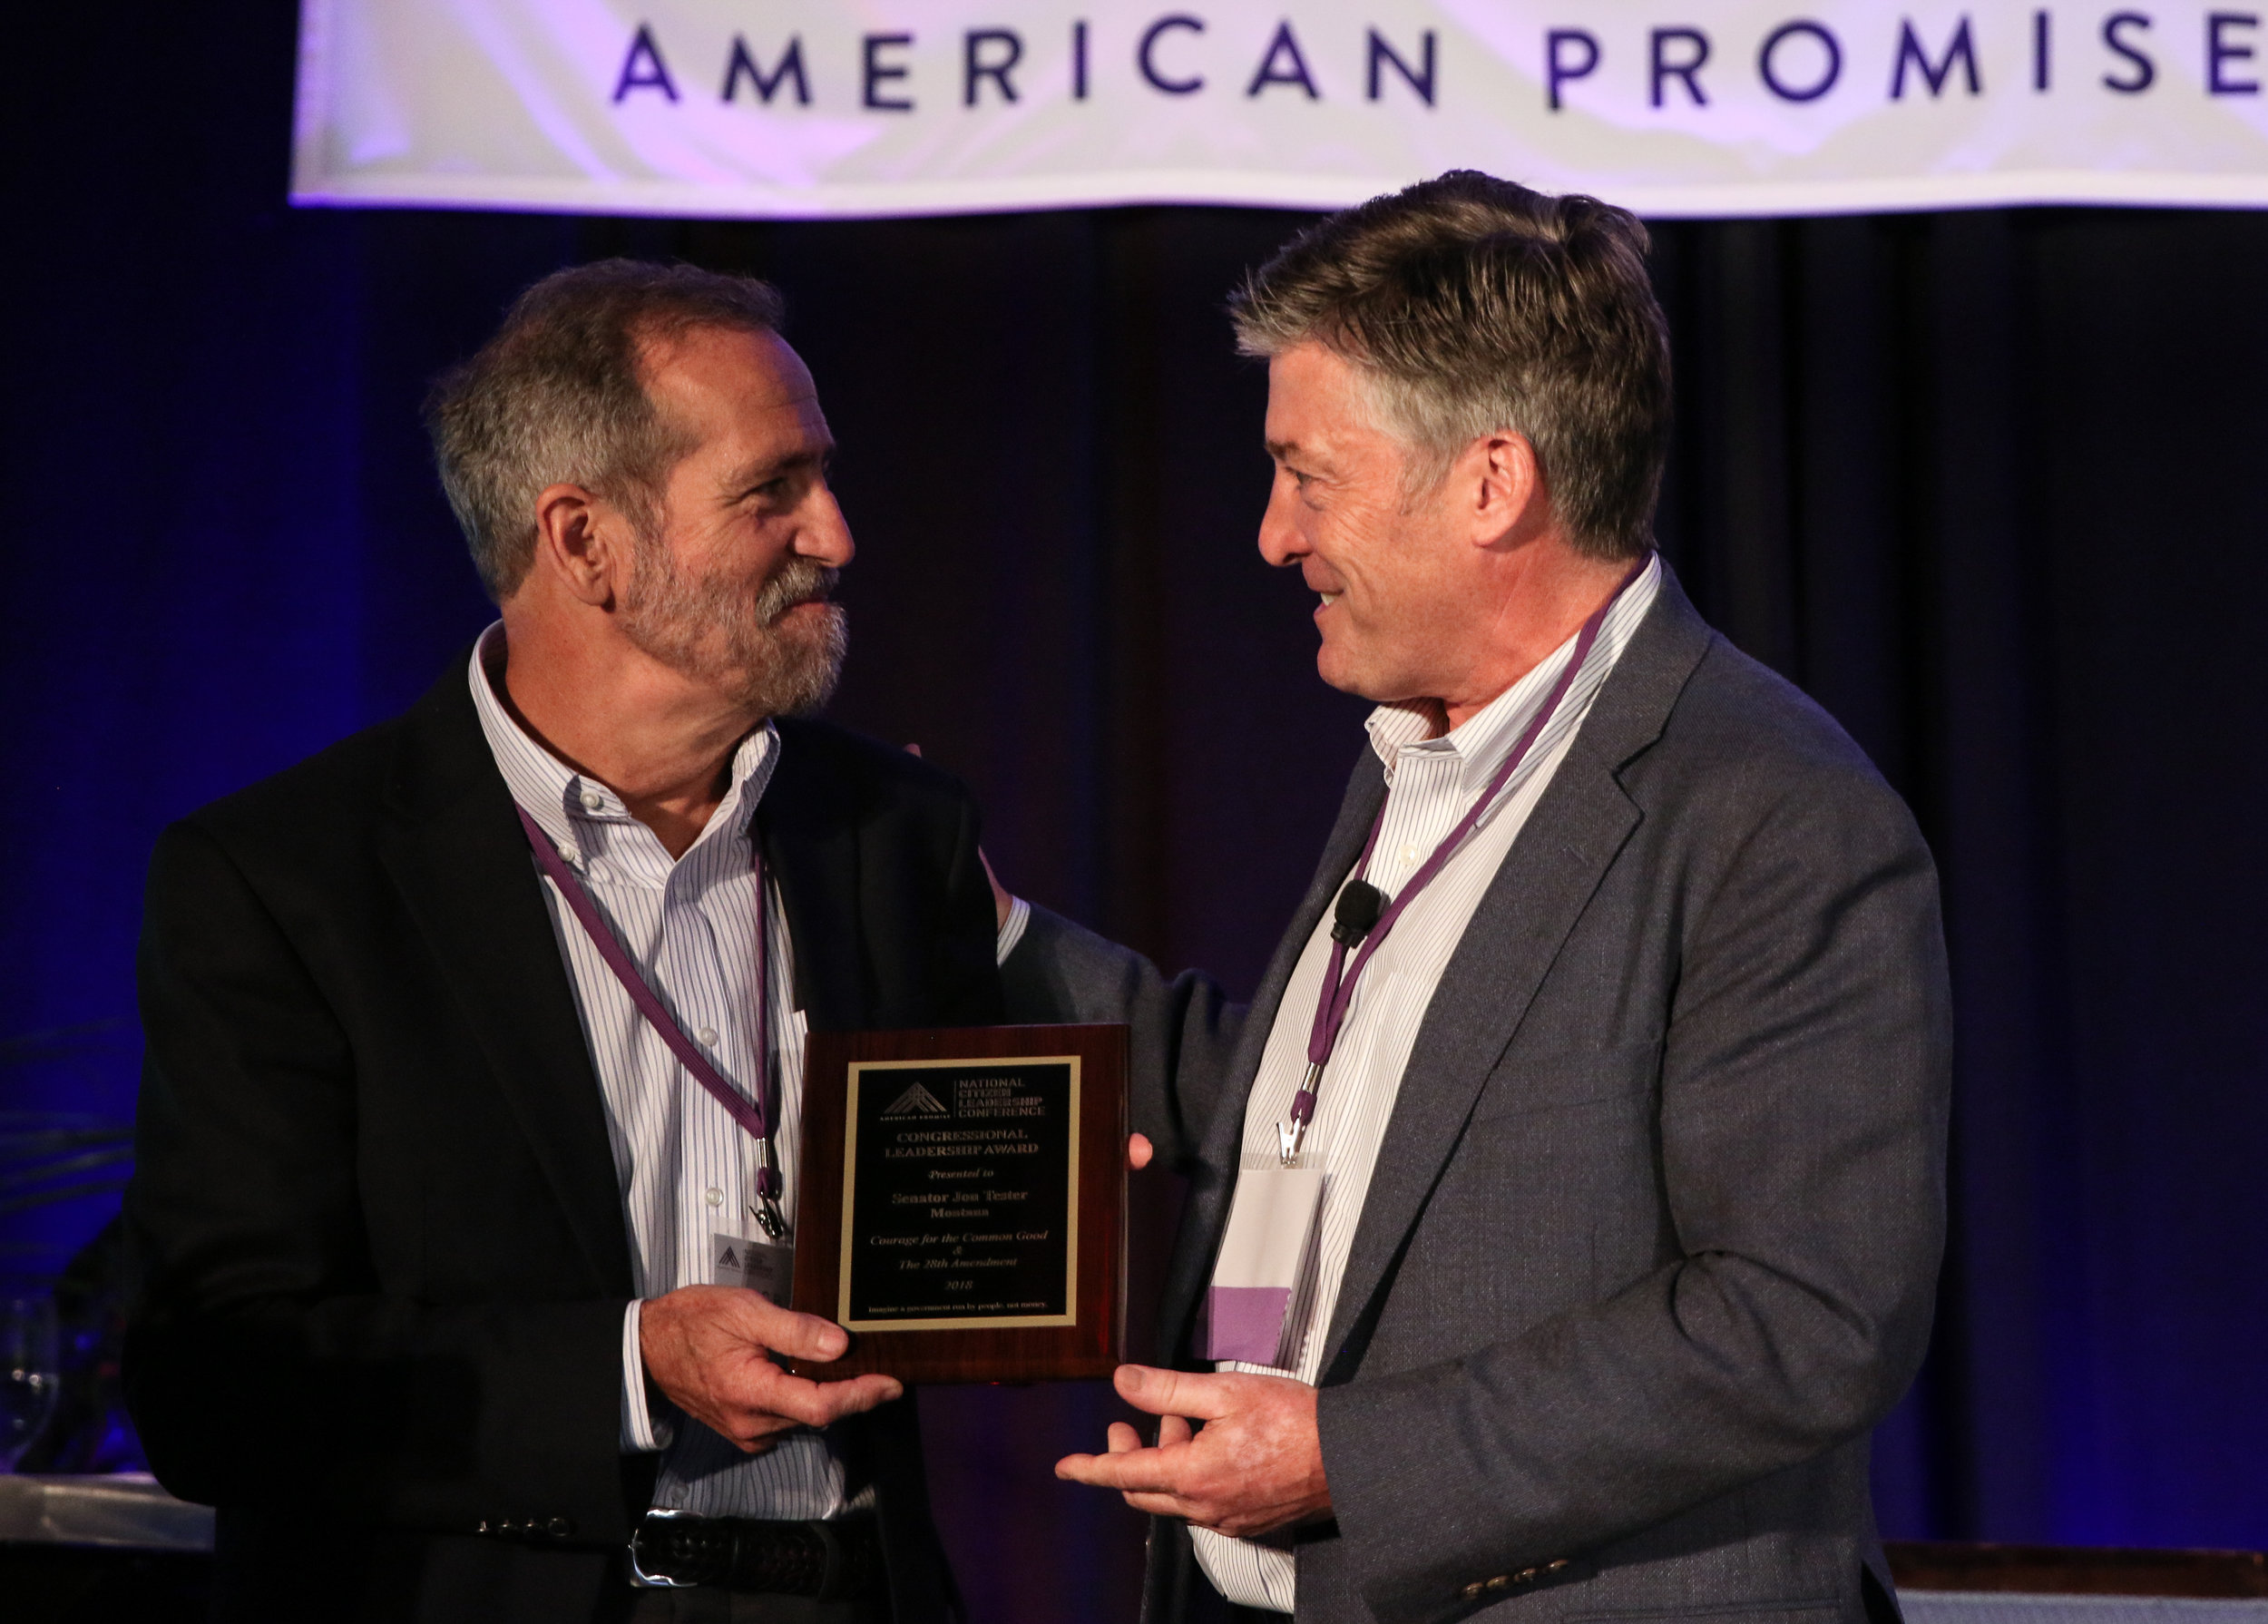 Citizen Leader, CB Pearson, accepts an award on behalf of Sen. Jon Tester